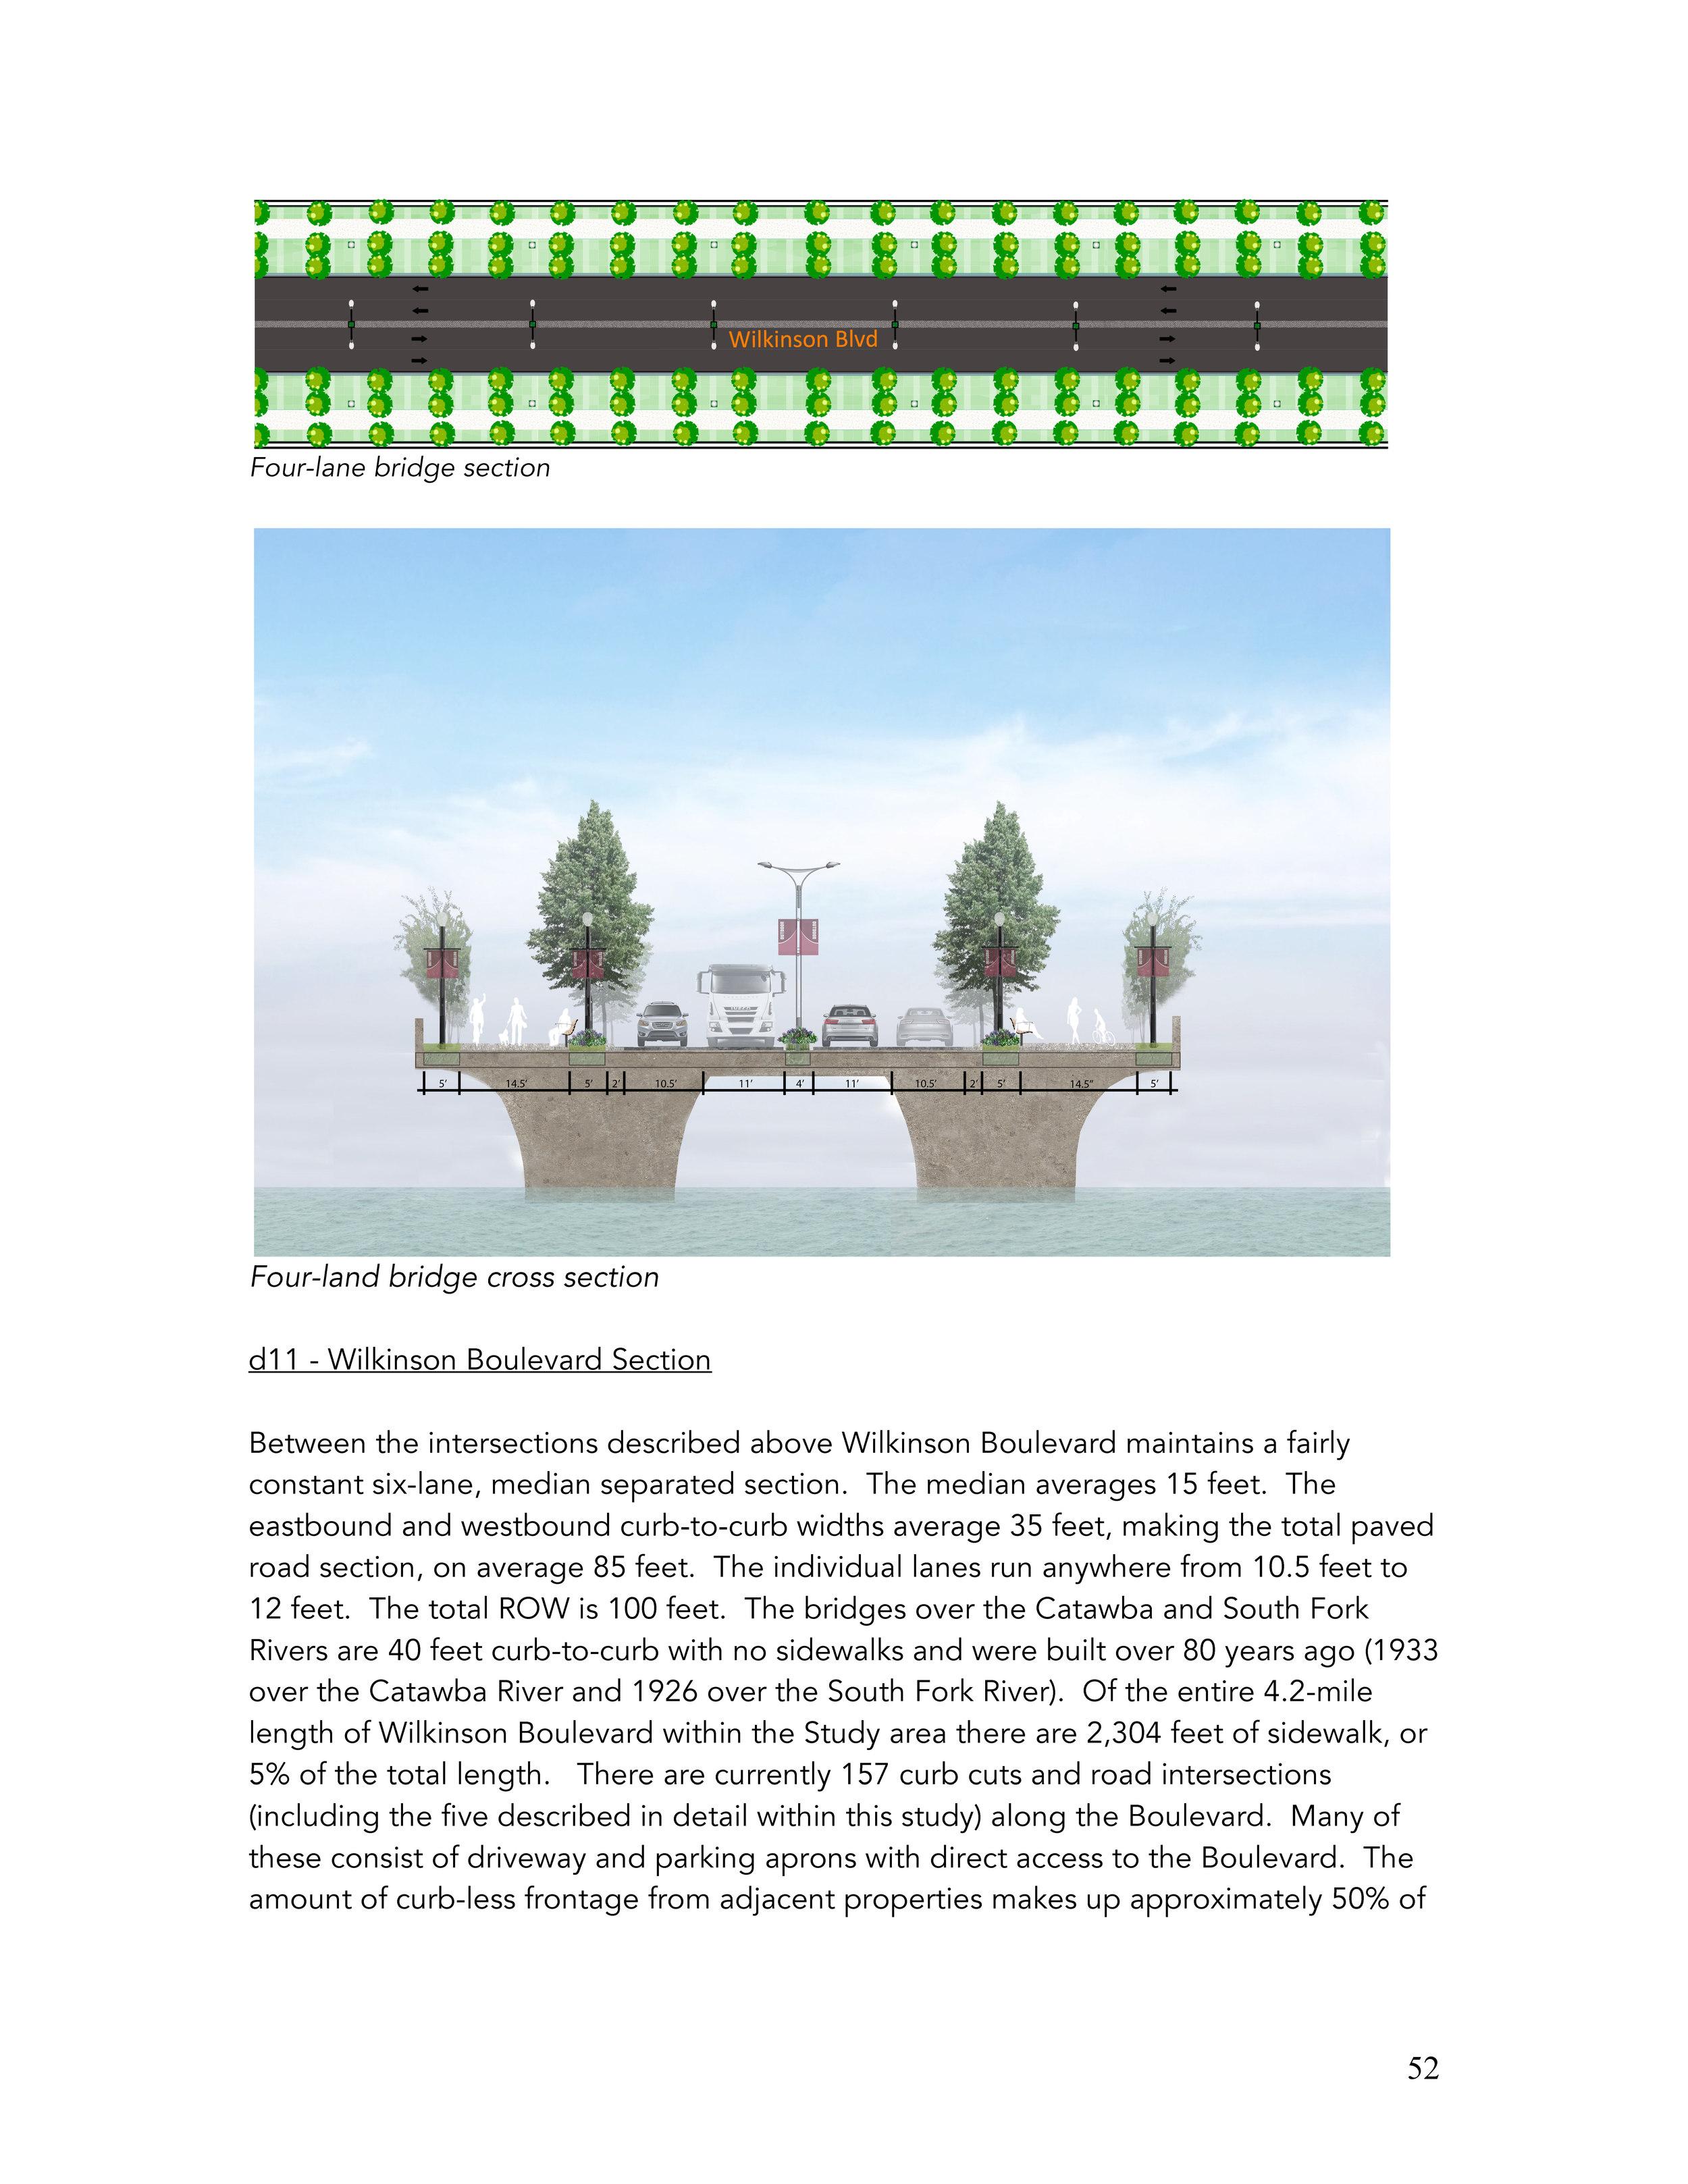 1 WilkinsonBlvd Draft Report 1-22-15 RH_Peter Edit_Page_52.jpg